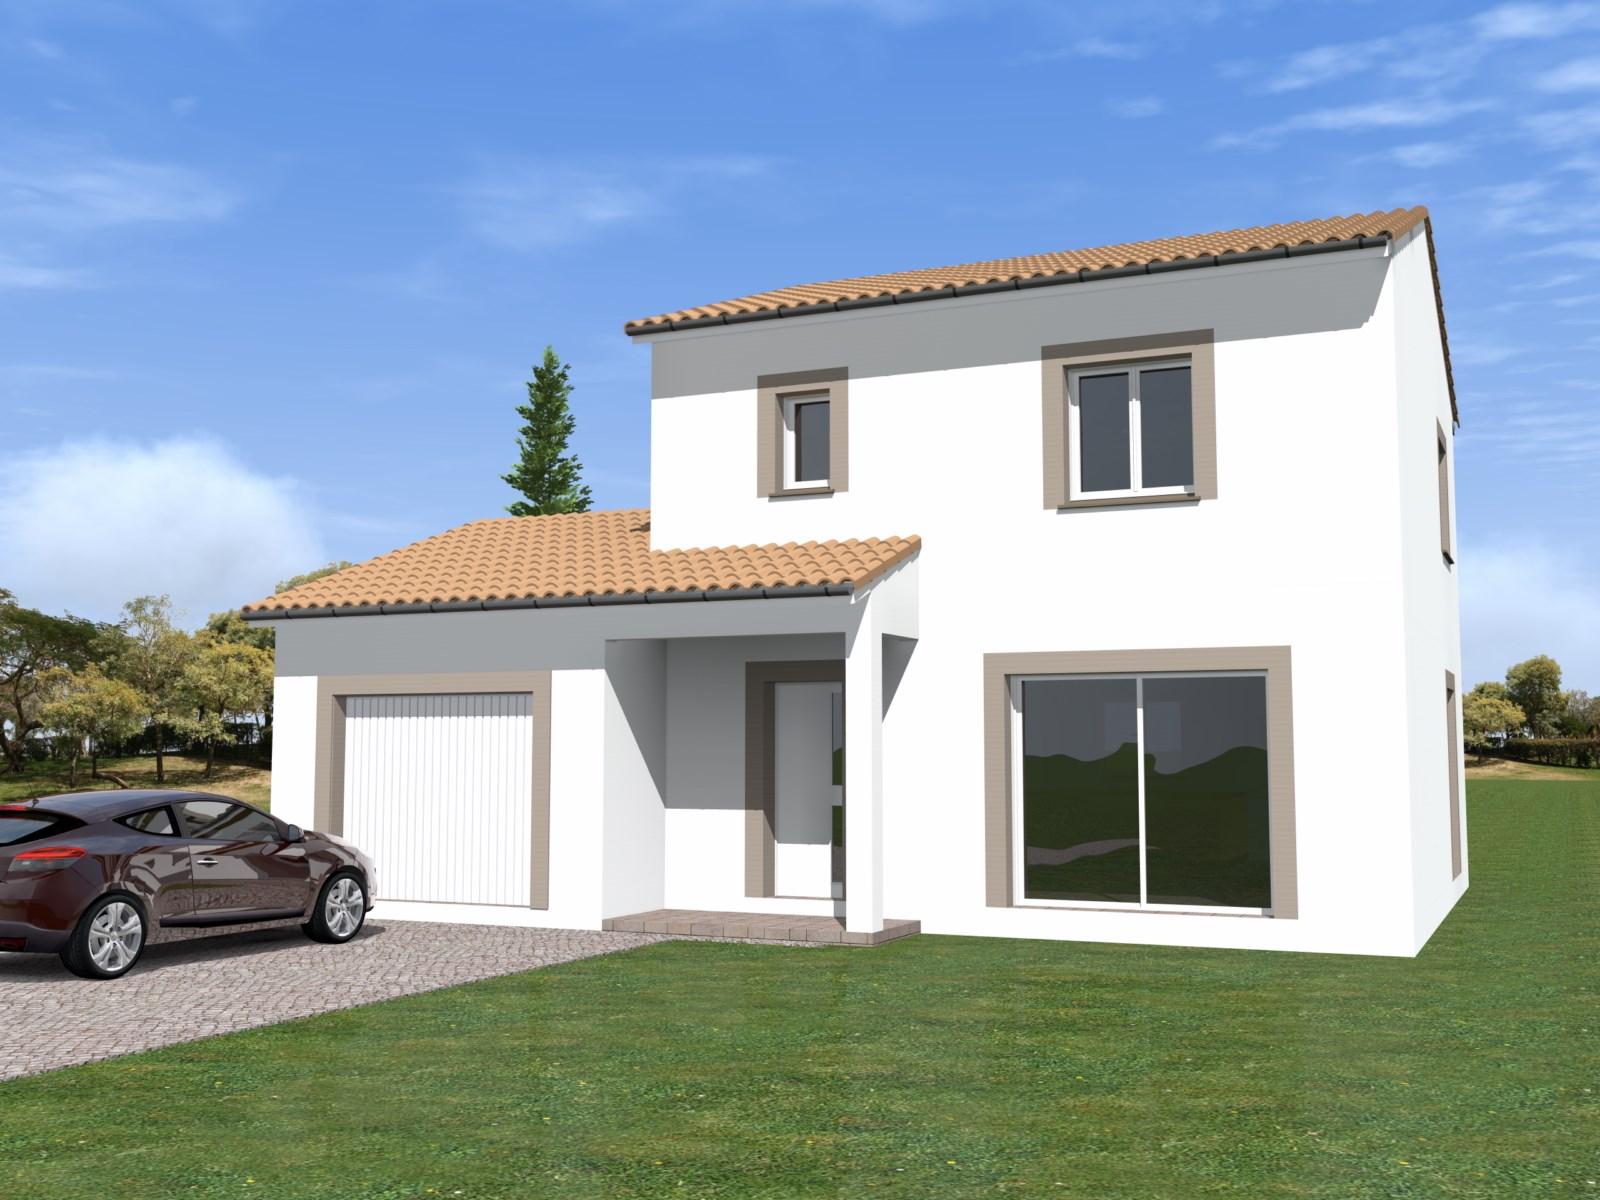 Maisons + Terrains du constructeur TRADIBATI CONSTRUCTIONS • 90 m² • GRANE